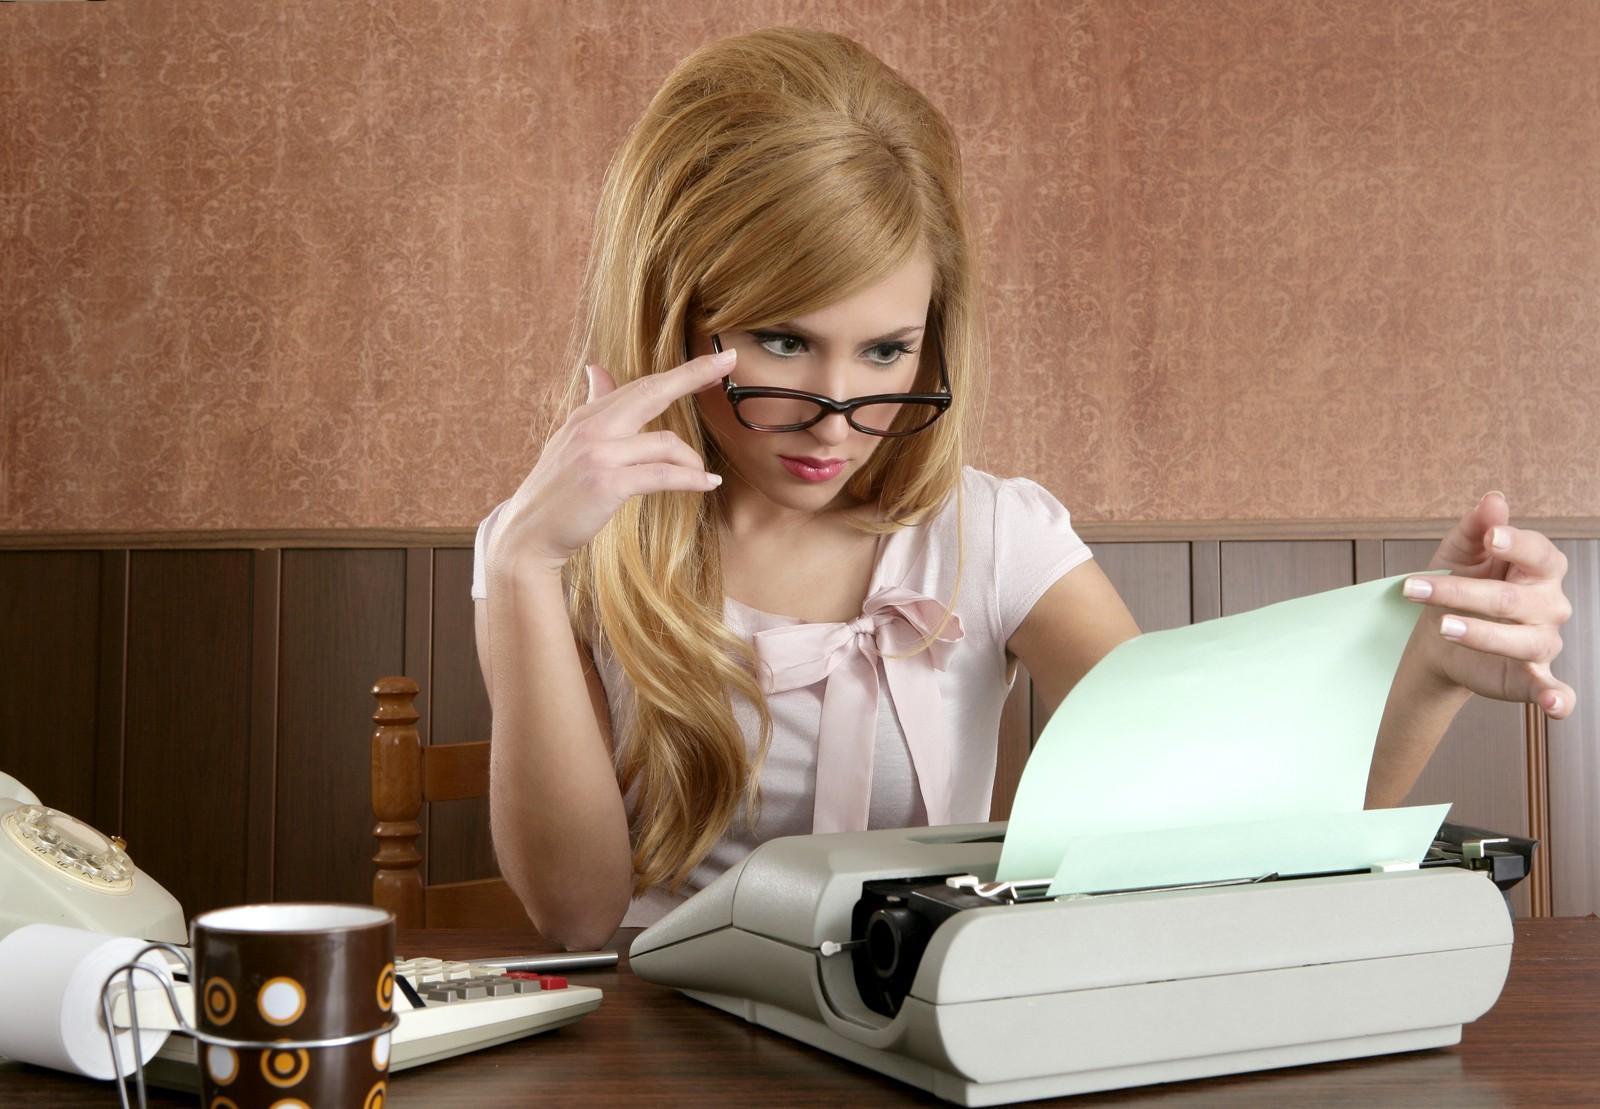 sollicitatie secretaresse Voorbeeld sollicitatiebrief I Secretaresse sollicitatie secretaresse